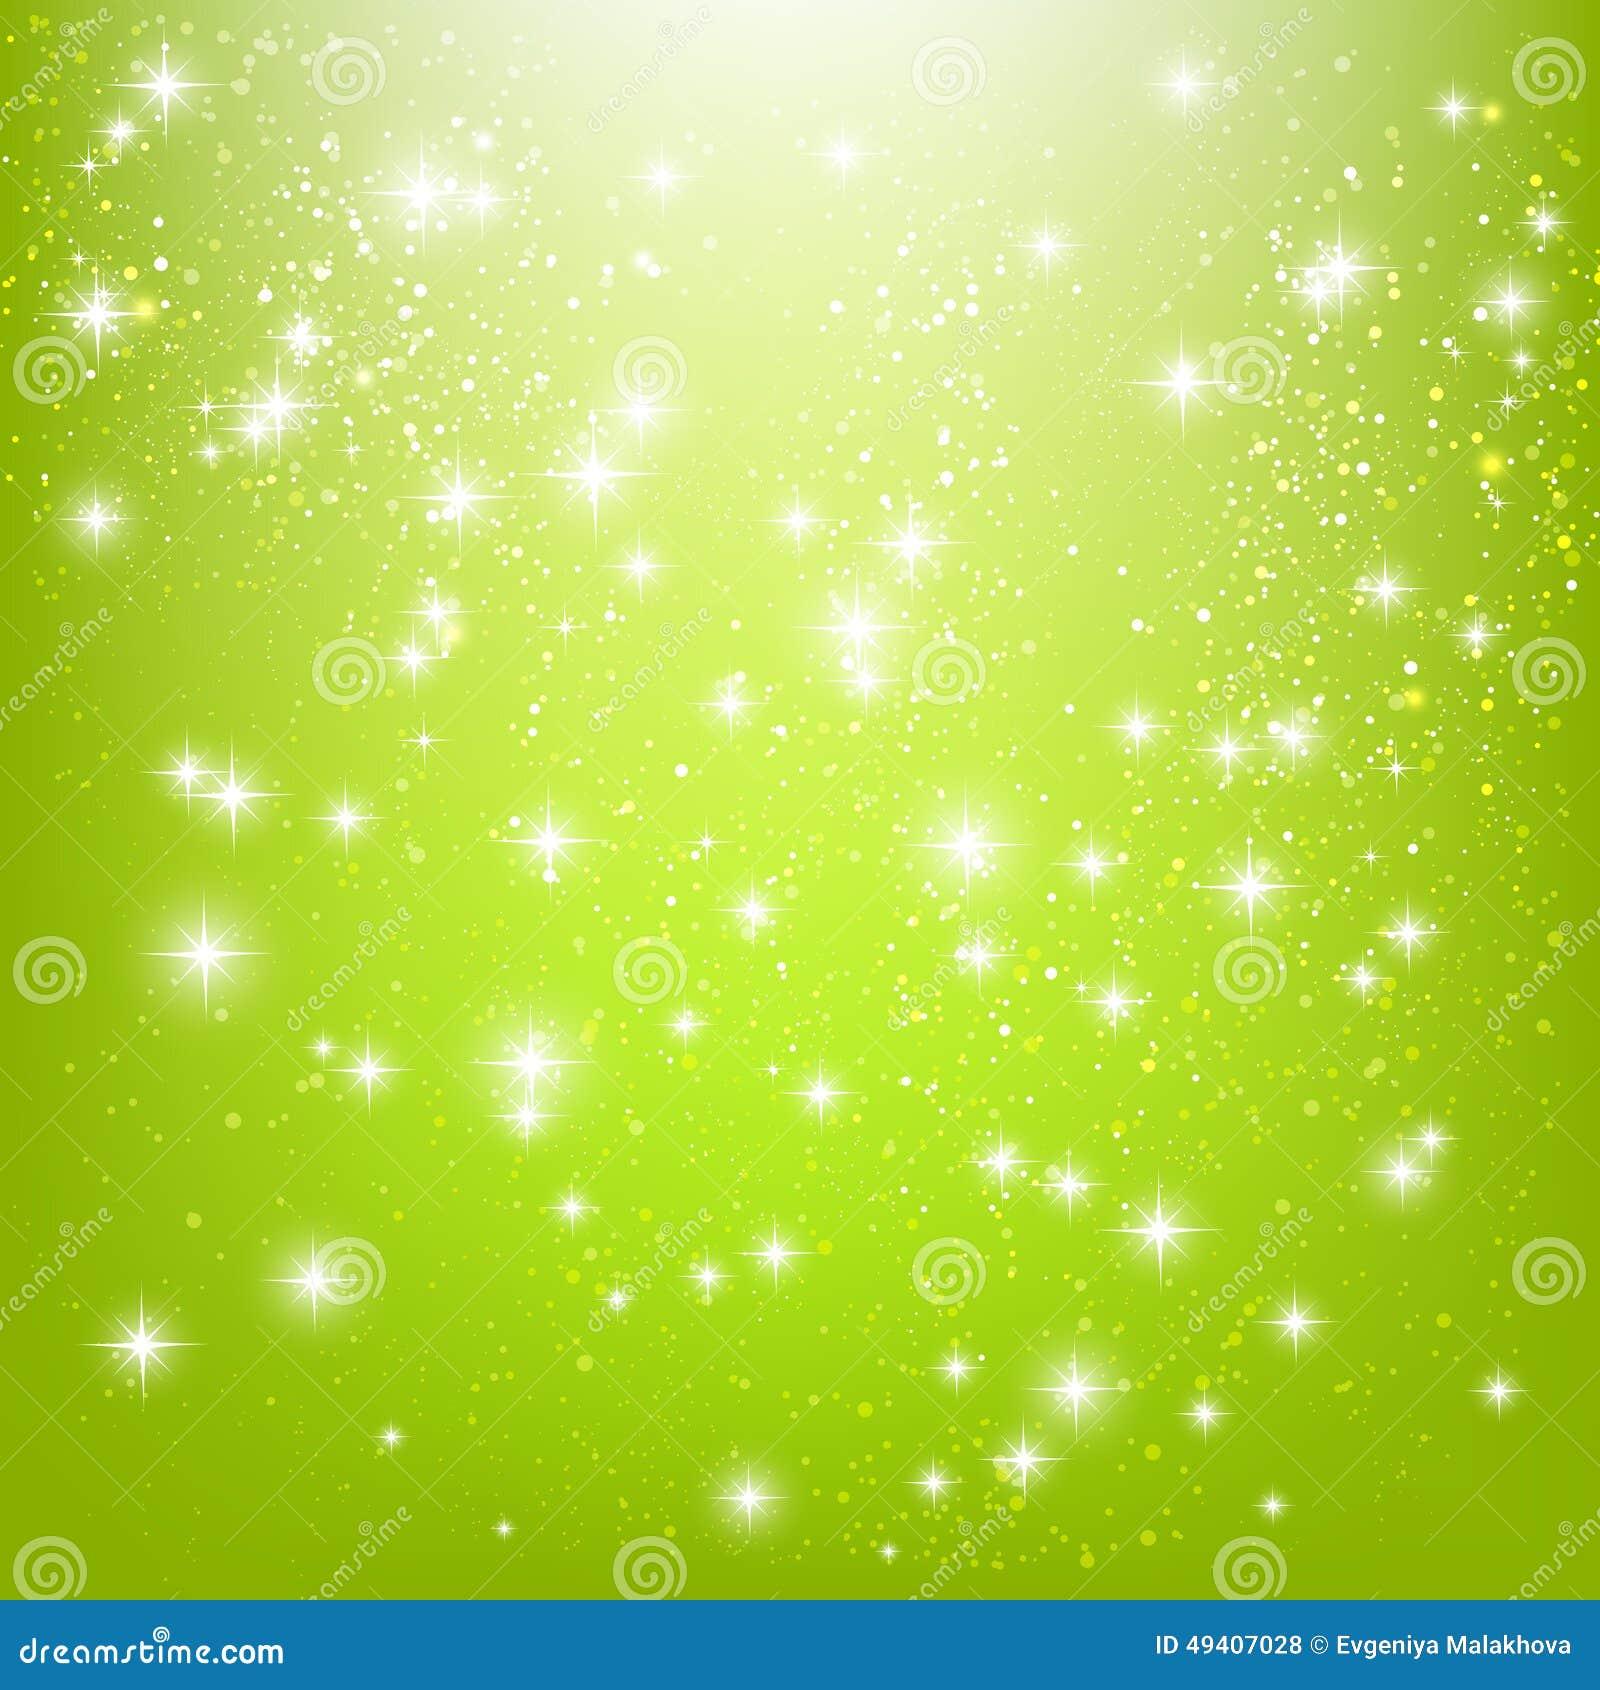 Download Glänzende Sterne auf Grün vektor abbildung. Illustration von hell - 49407028